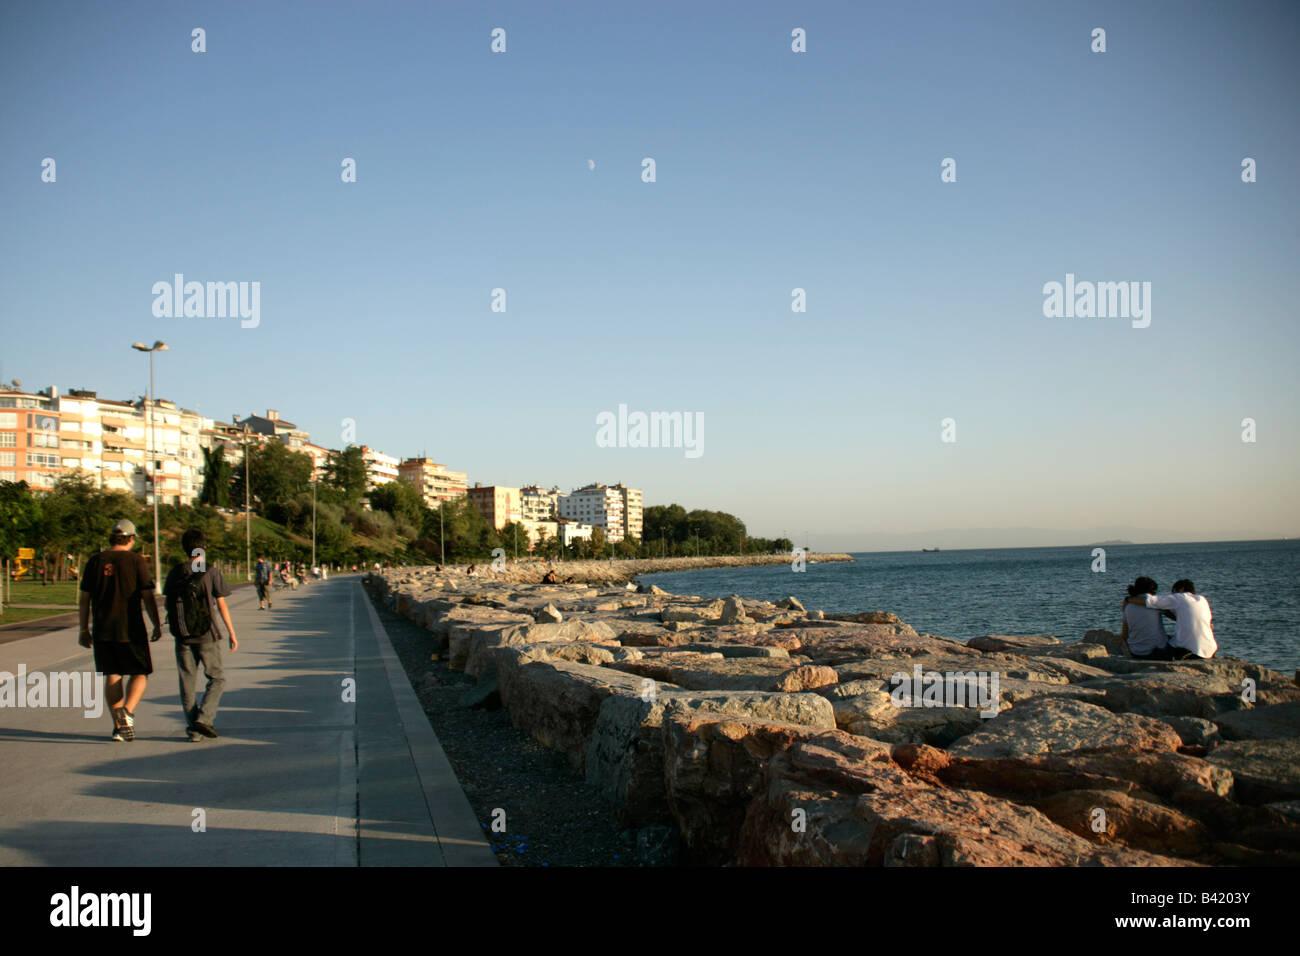 El Waterfront en Moda, Kadikoy, Estambul, Turquía Imagen De Stock